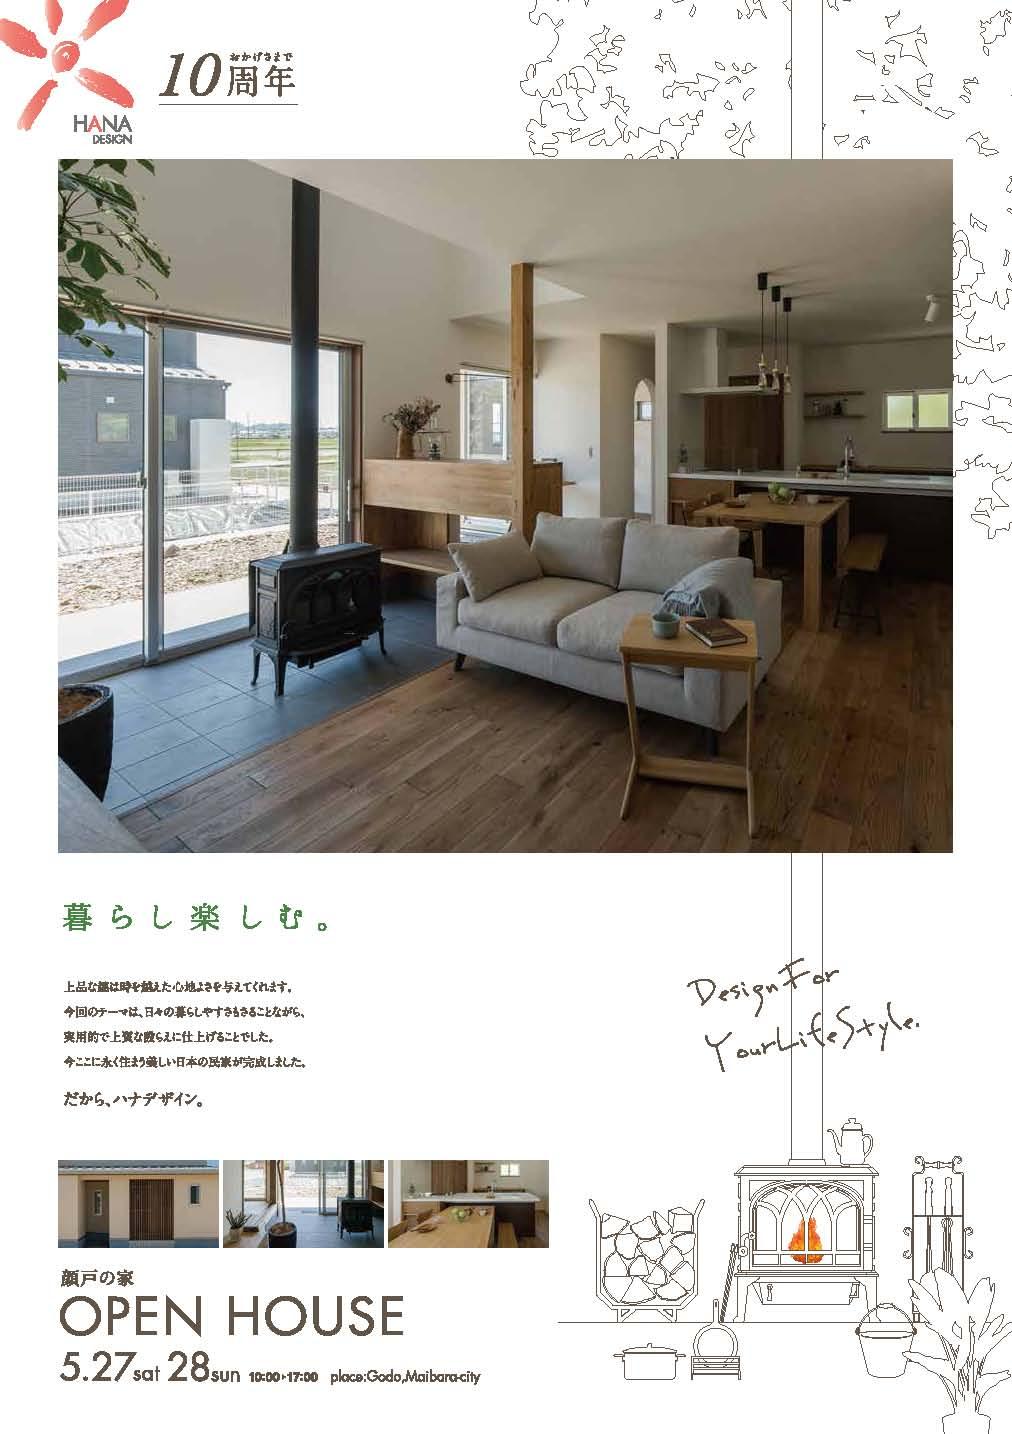 ハナデザインさま顔戸の家チラシ0520_ページ_1